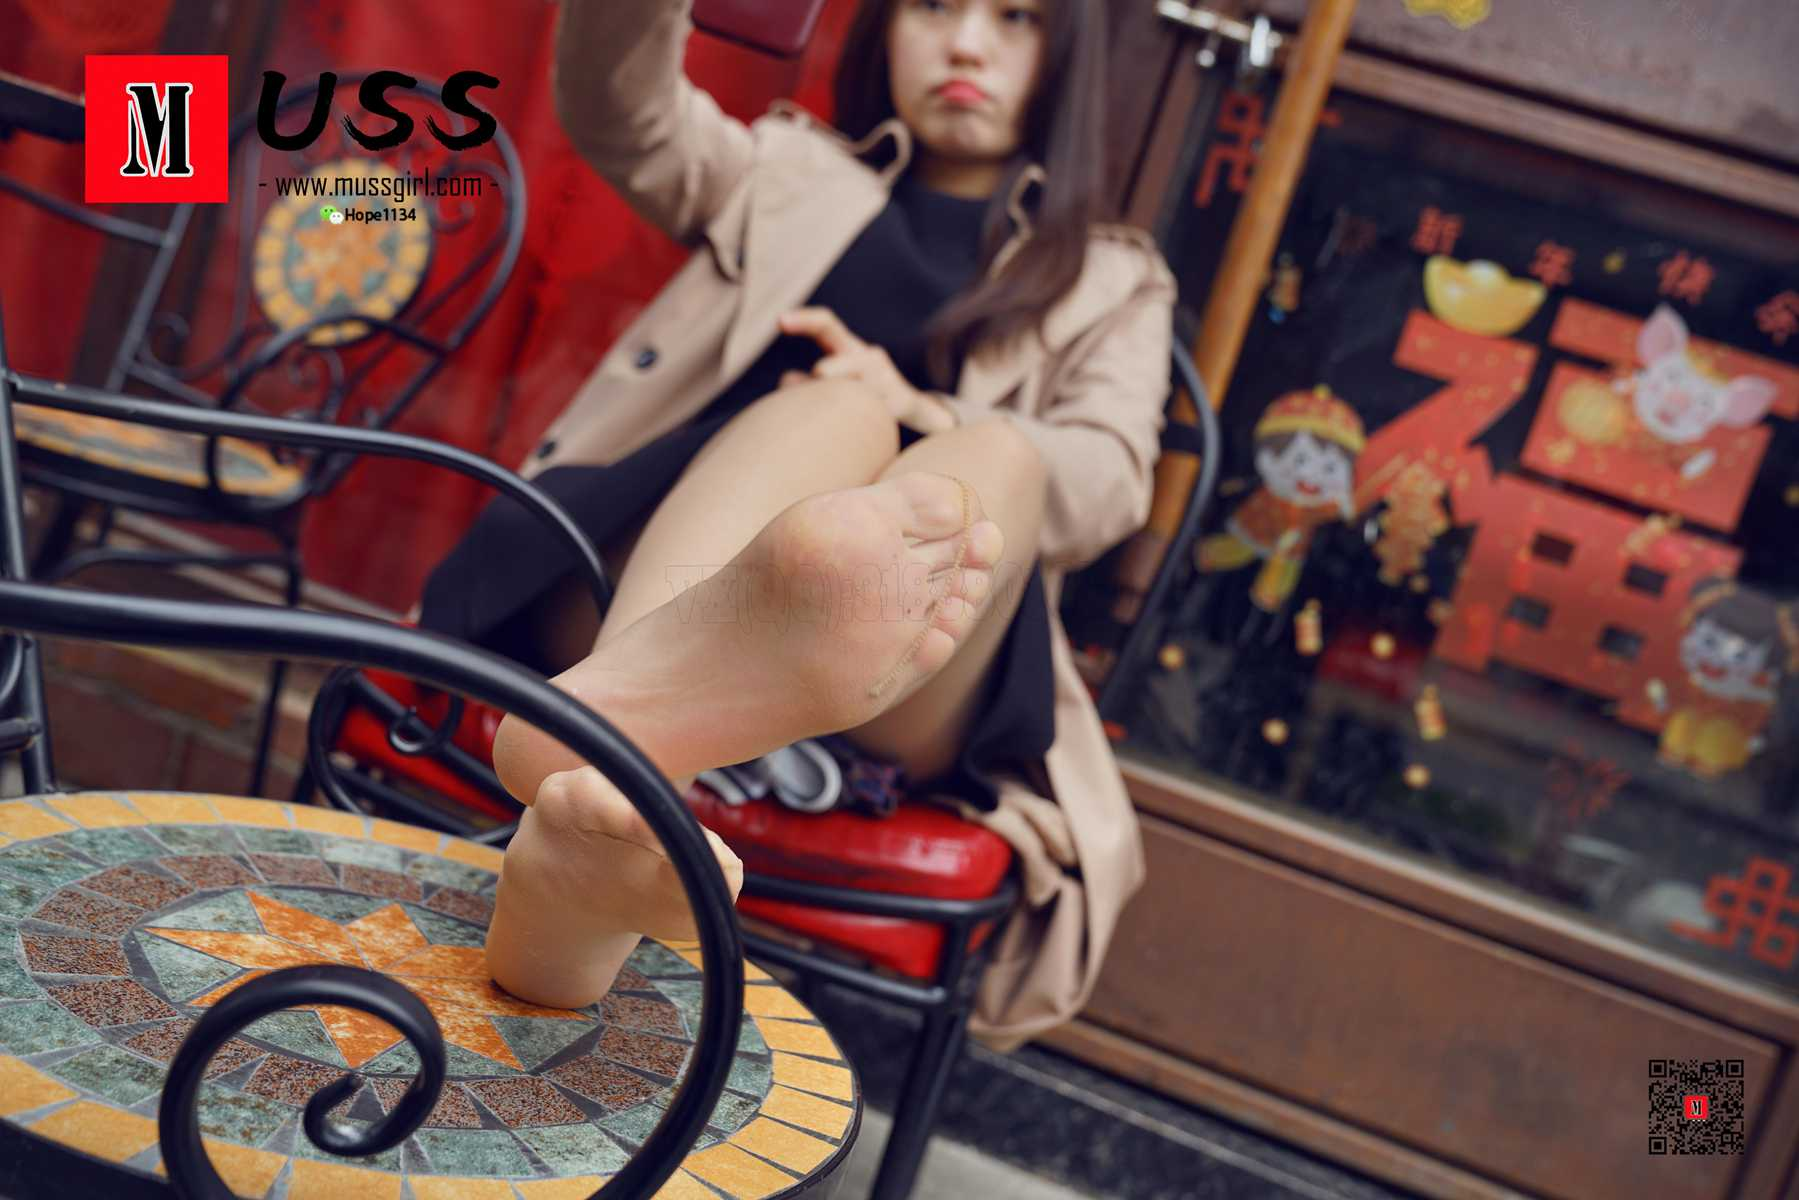 [MussGirl]慕丝女郎 No.037 与她的电话亭之恋